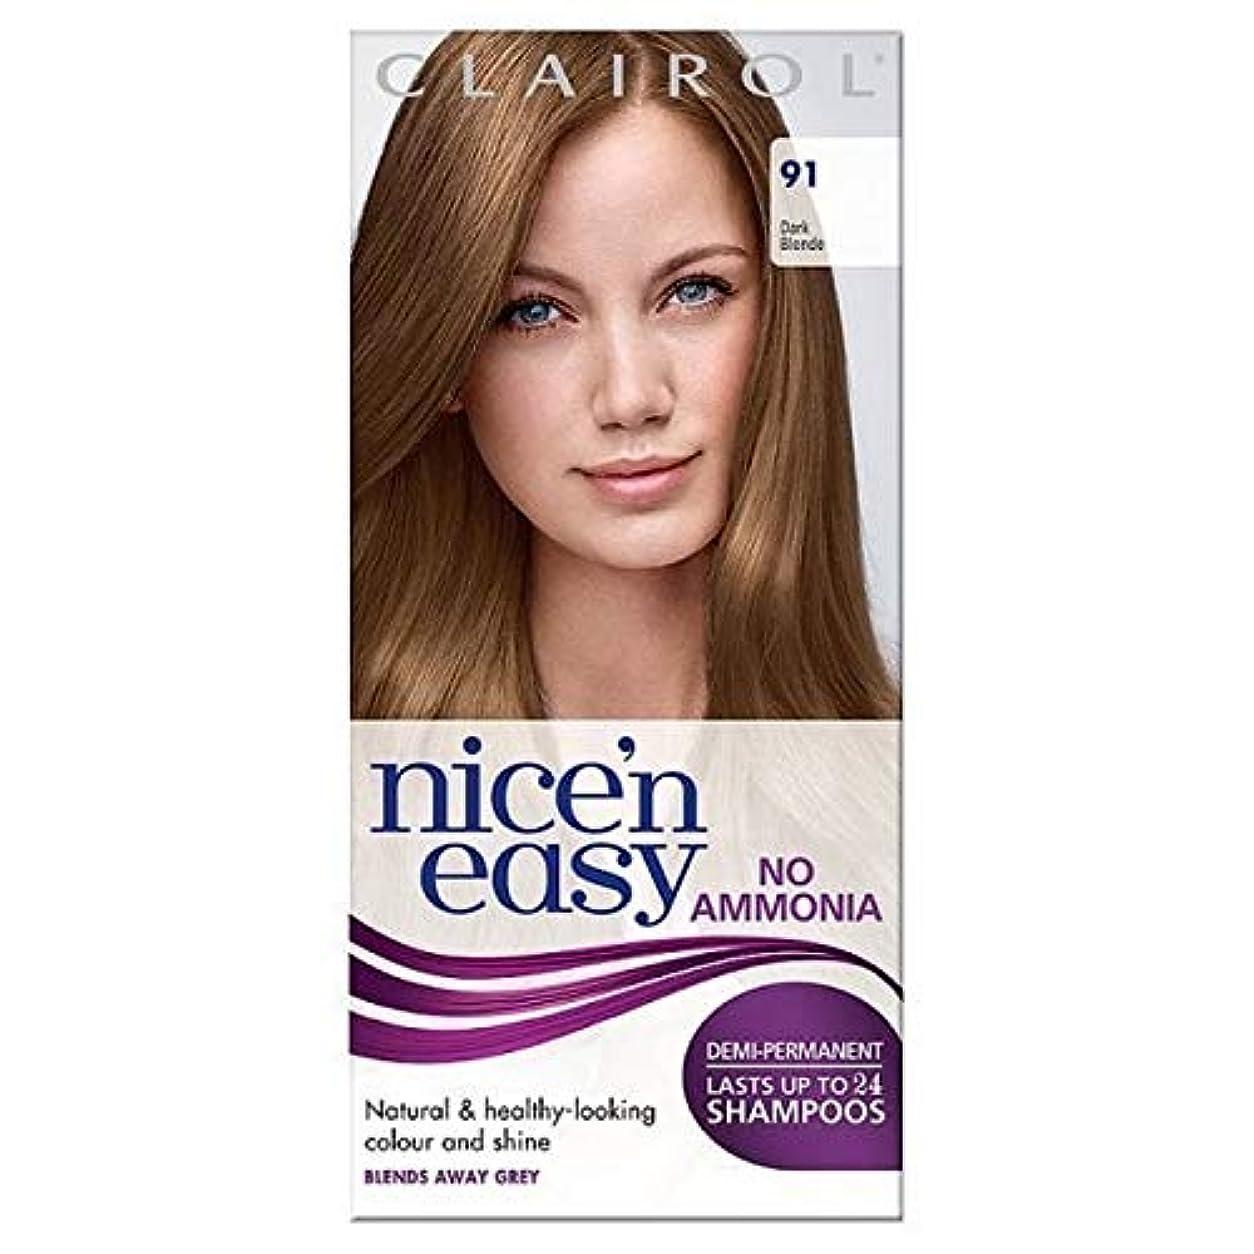 インキュバスぼんやりしたピルファー[Nice'n Easy] Nice'N簡単に何のアンモニアの染毛剤ませんダークブロンドの91 - Nice'n Easy No Ammonia Hair Dye Dark Blonde 91 [並行輸入品]